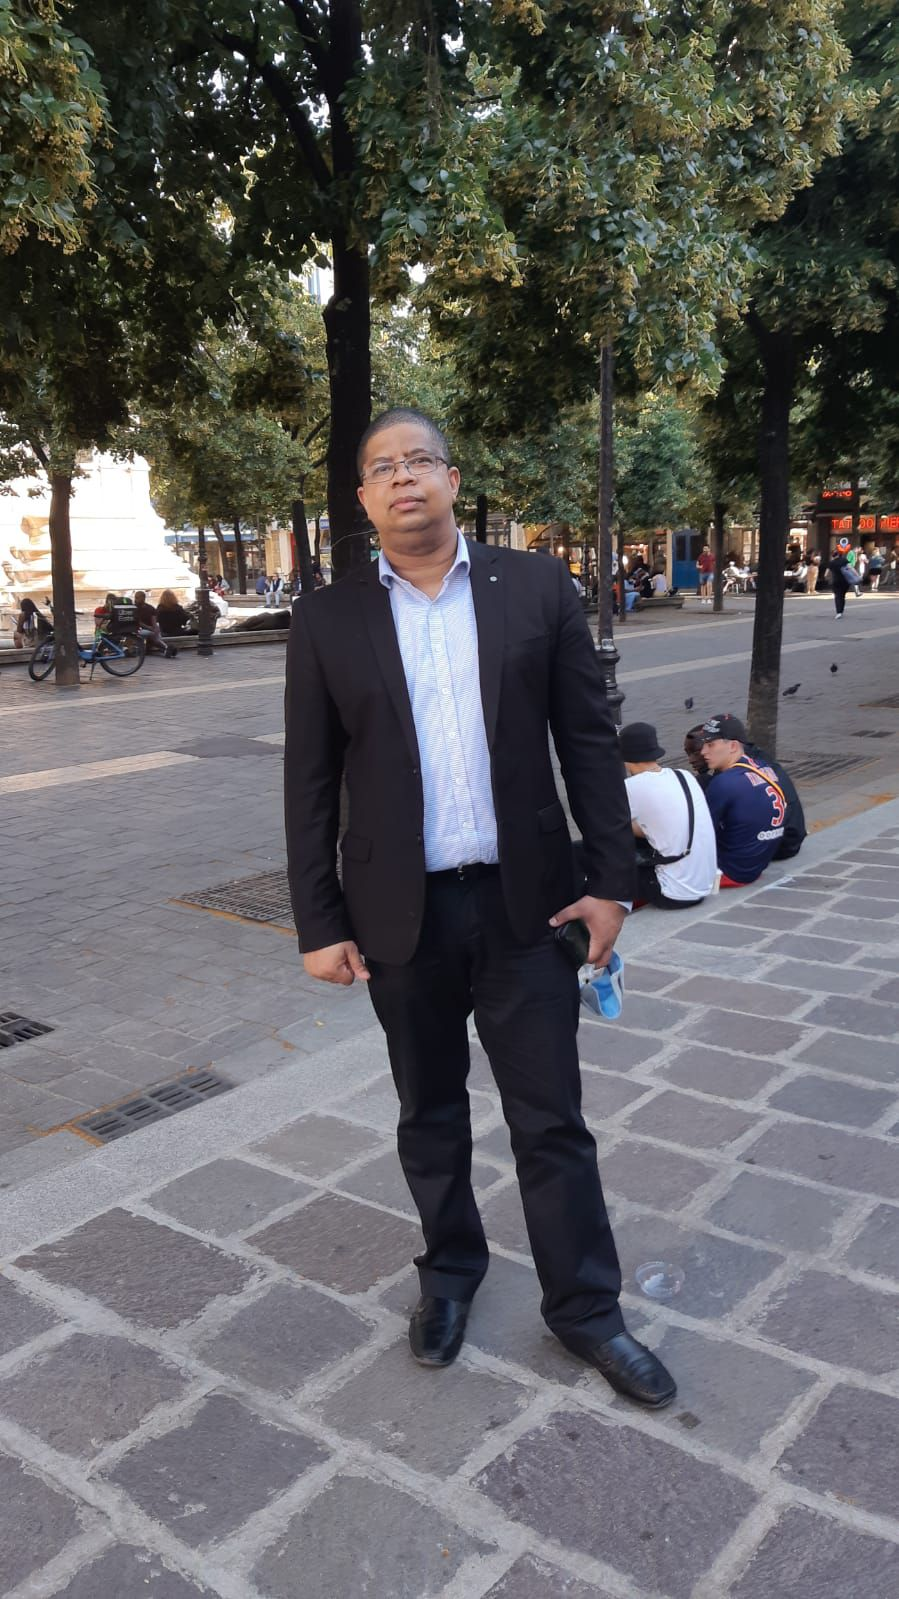 """M. Darchari MIKIDACHE, président du think tank """" Cercle des Économistes et des Experts Comoriens (CEEC) et président de l'ONG USHABABI WA MESO INTERNATIONAL (Jeunesse & Avenir)"""